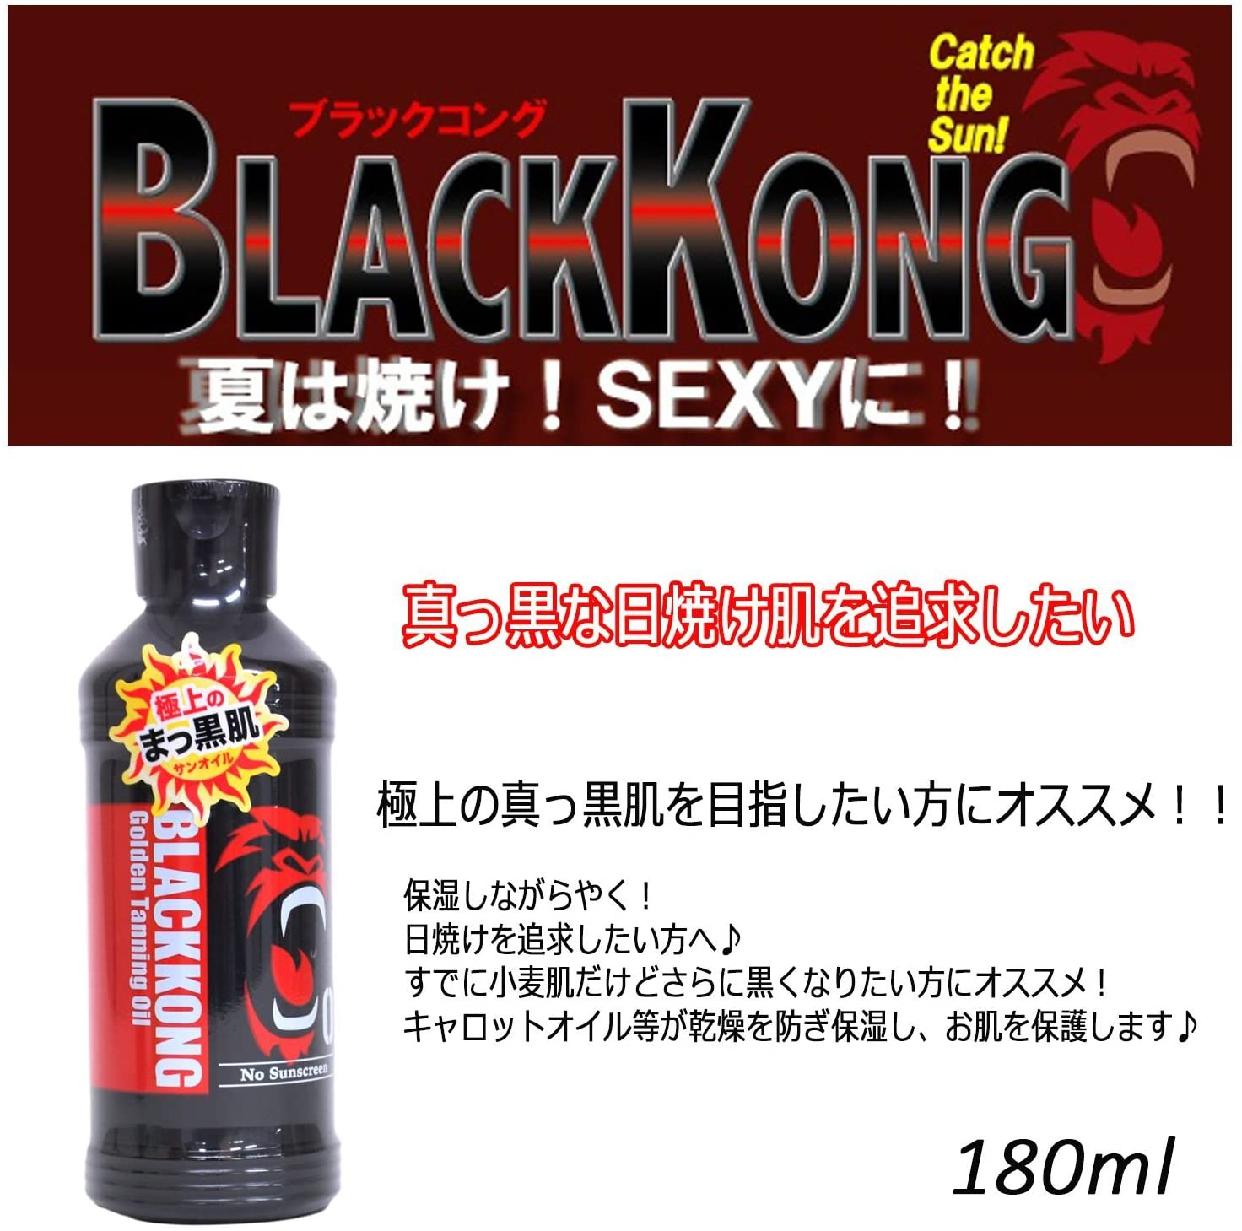 BLACK KONG(ブラックコング) ゴールデン タンニングオイルの商品画像3